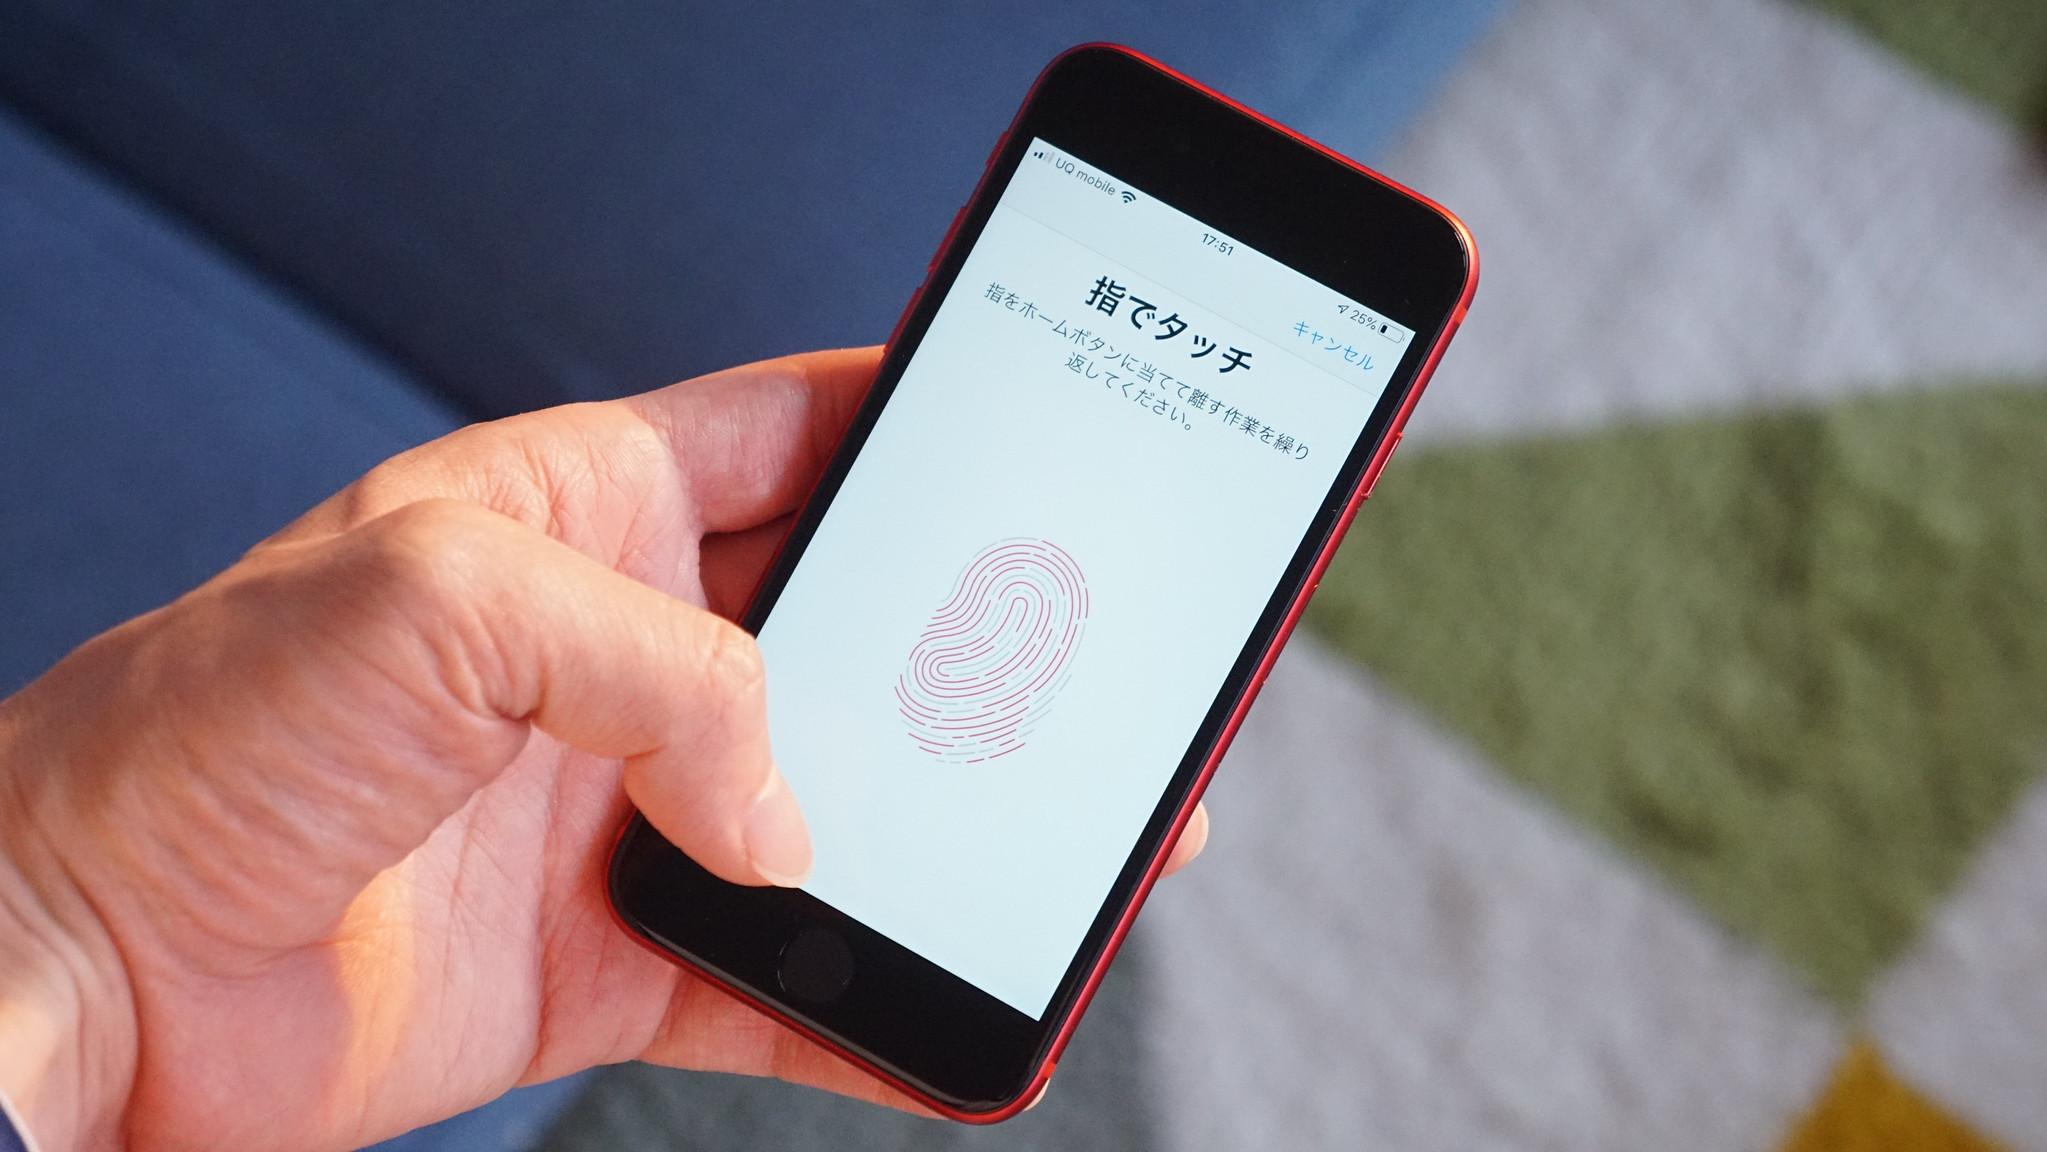 新しい「iPhone SE」レビュー - 親しみのあるデザイン